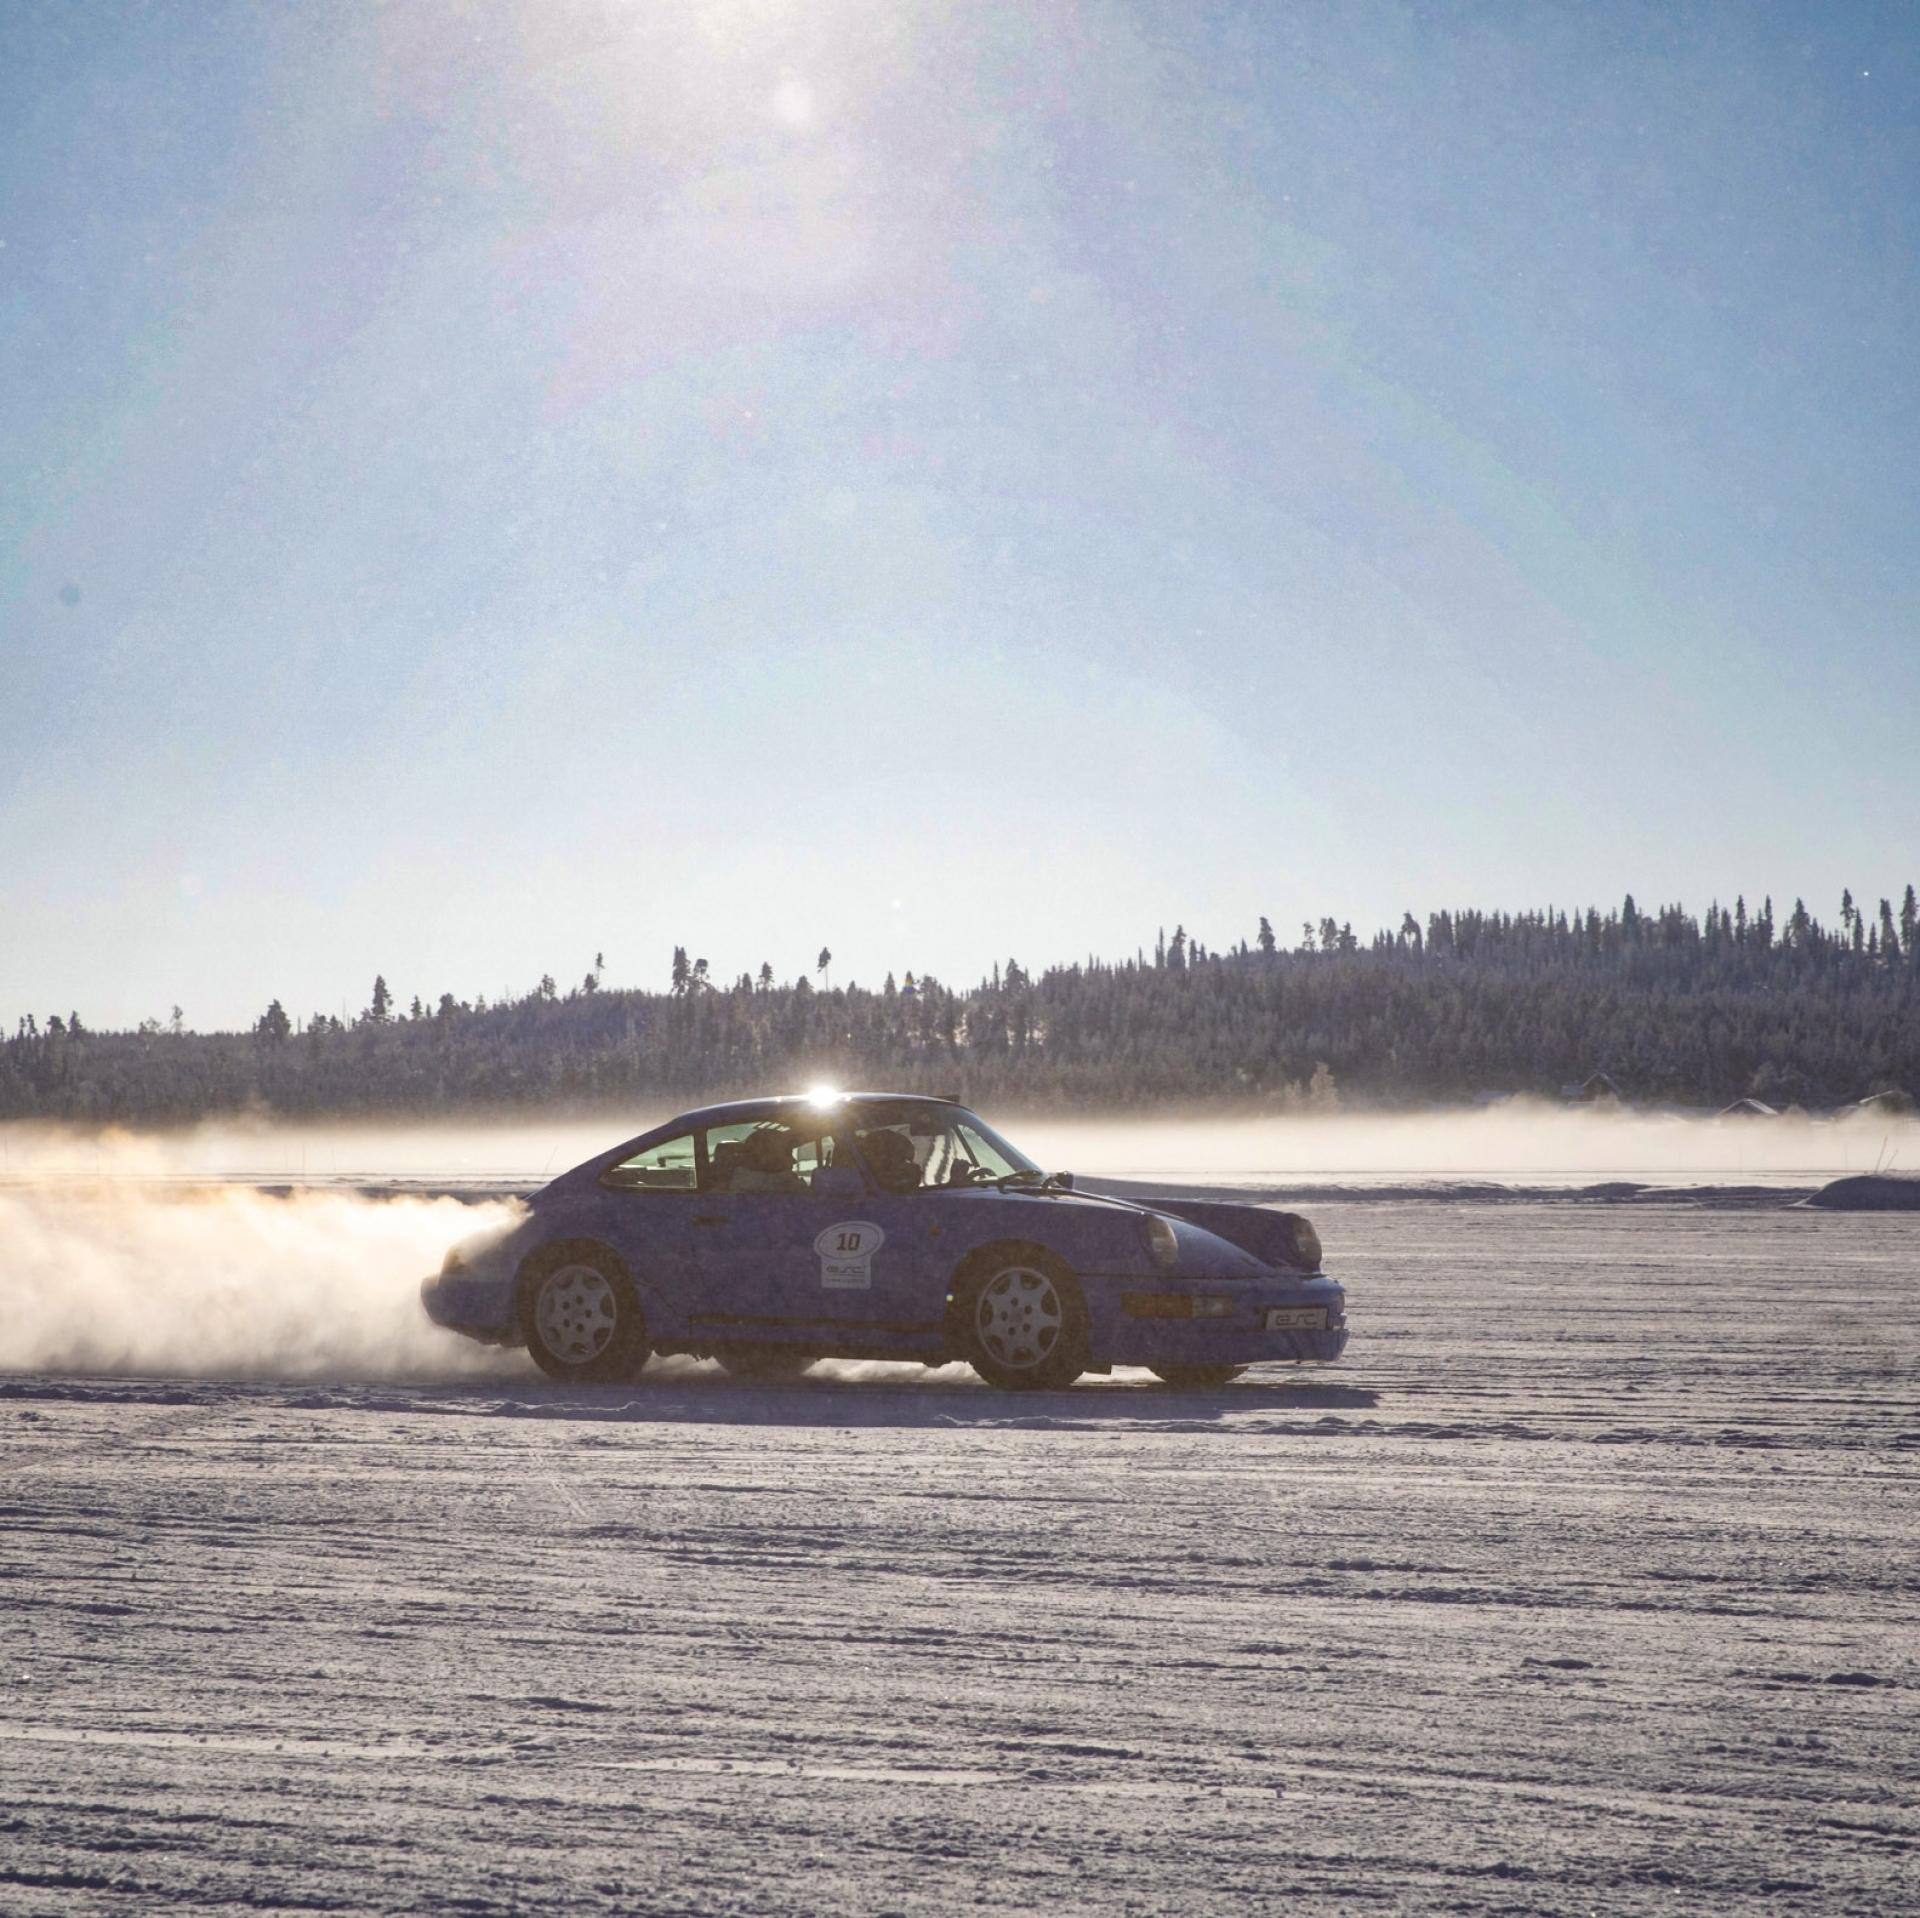 Kurze Belichtungszeiten bei Actionfotos, Winter, Fotos, Sonne, Porsche, zugefrorener See